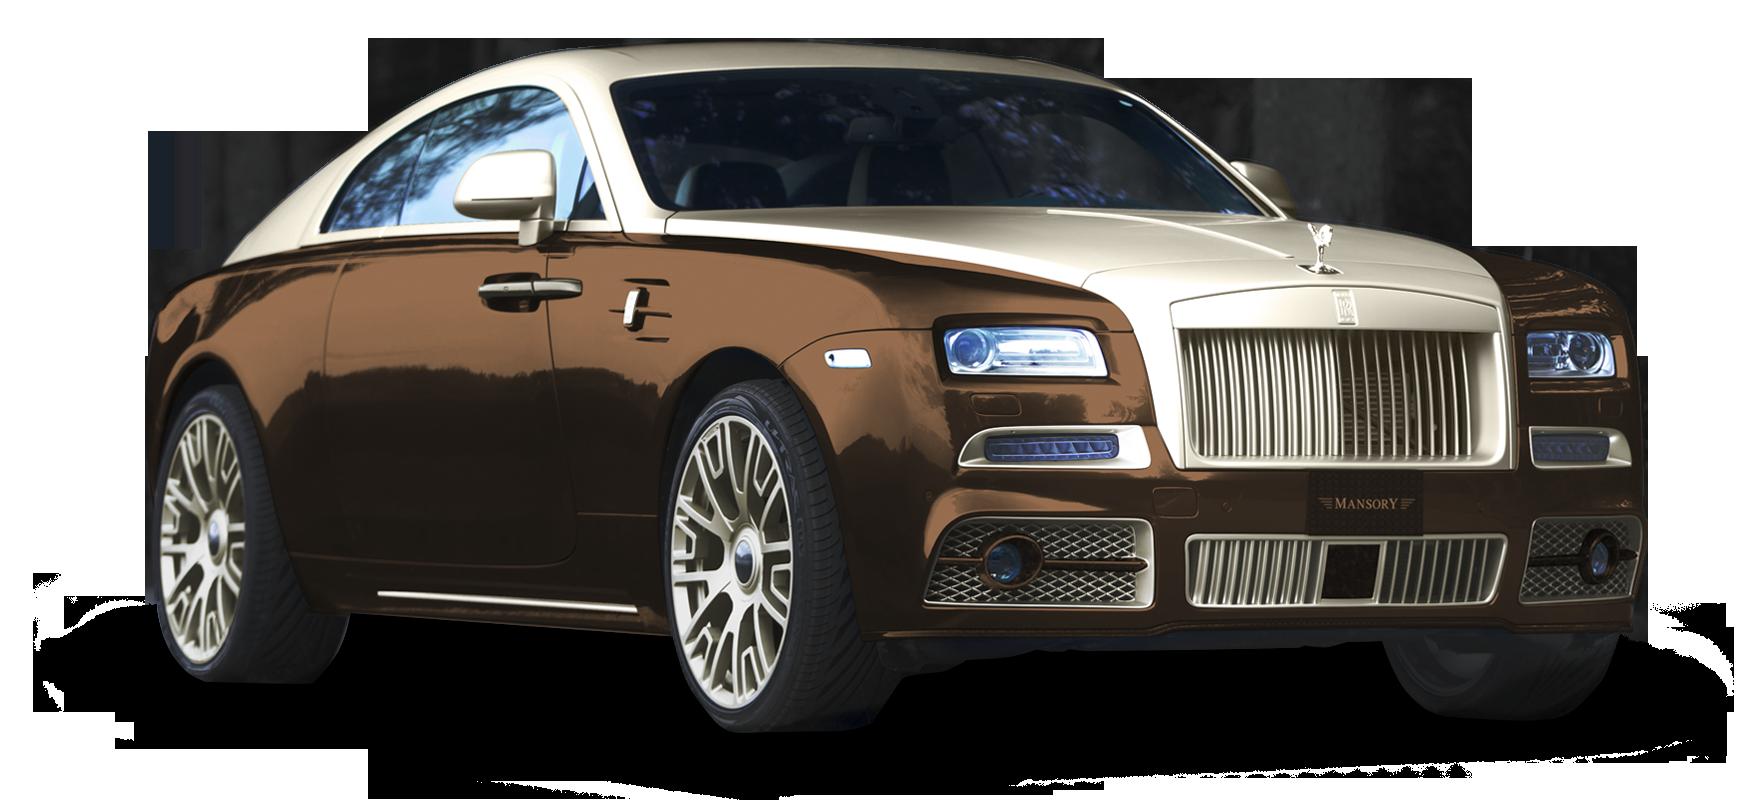 Rolls Royce Car Png Image Rolls Royce Cars Rolls Royce Car